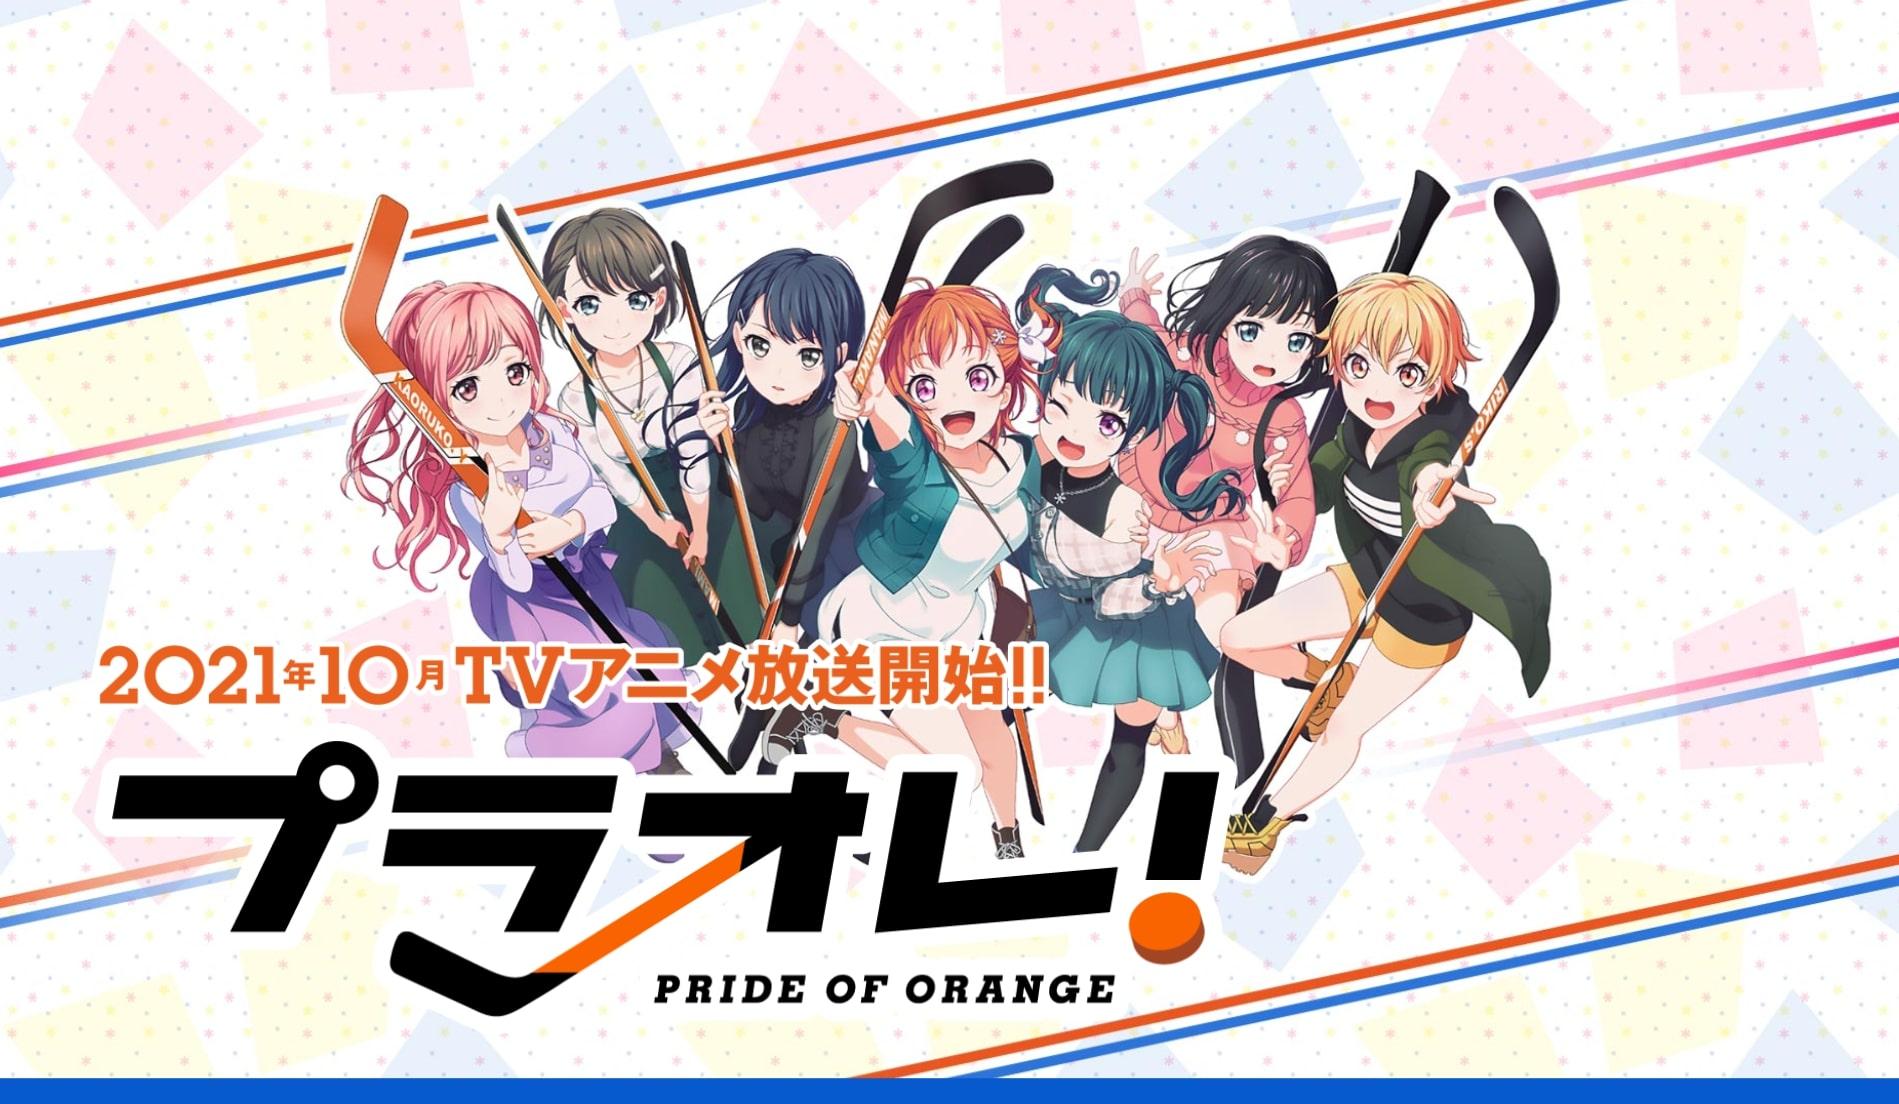 Pride of Orange